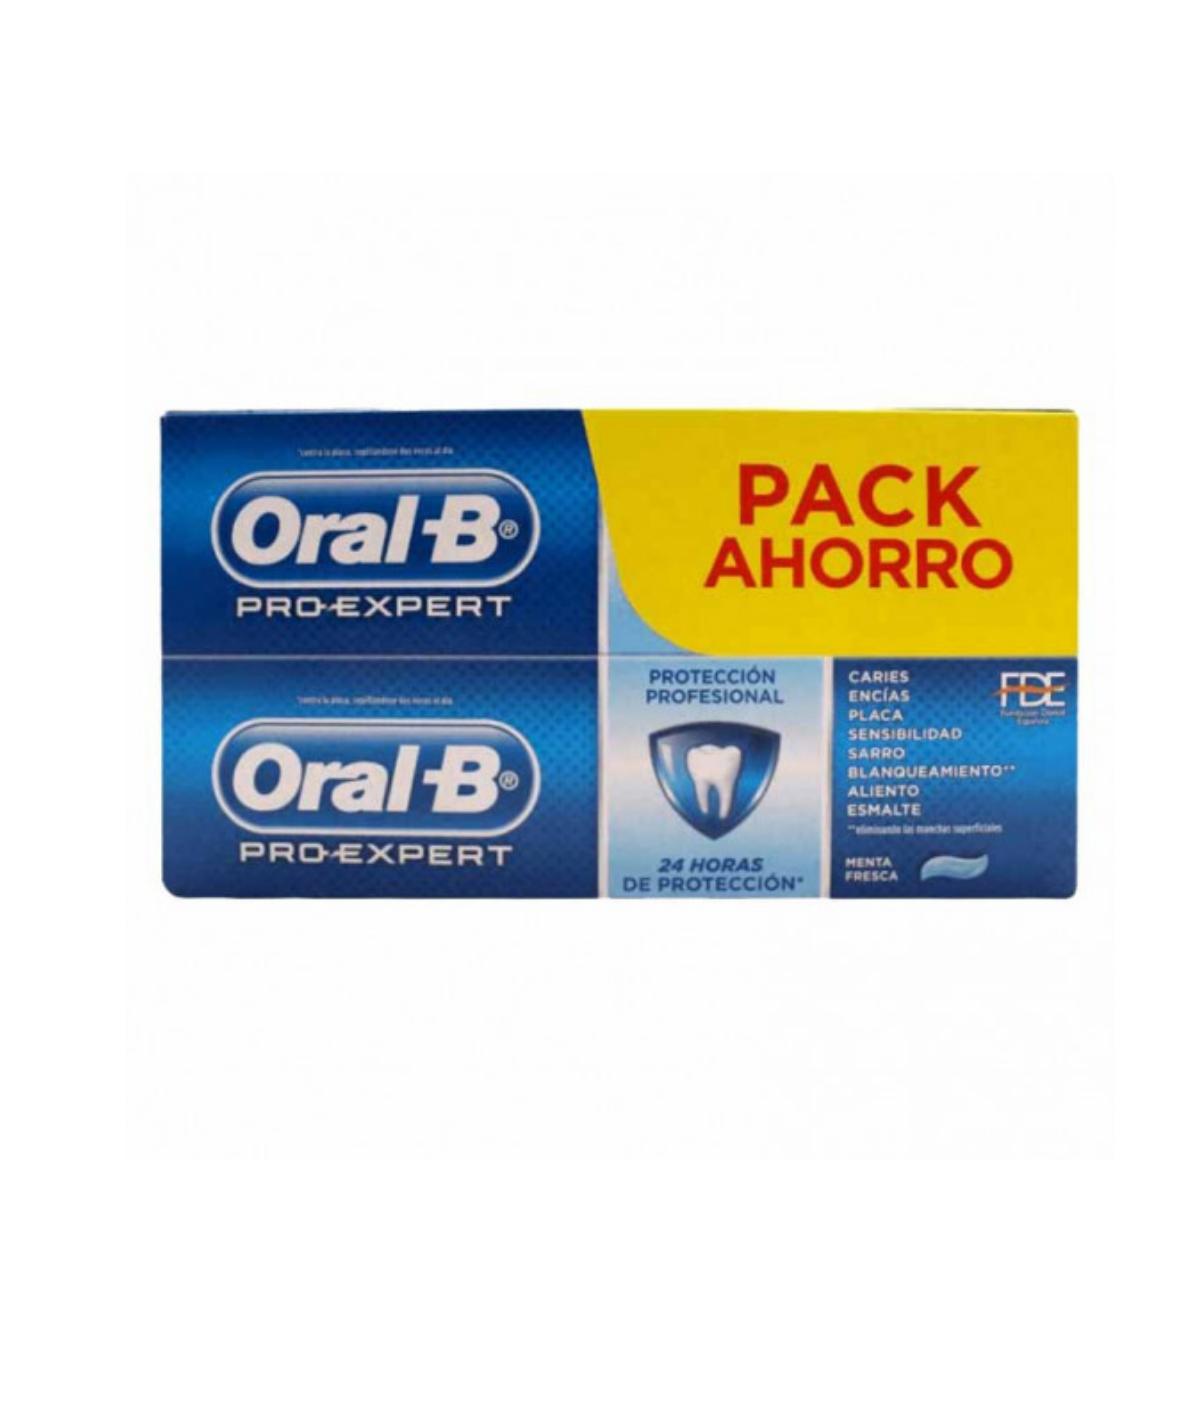 ORAL-B PRO EXPERT MULTI PROTECCION 125 ML 2 U